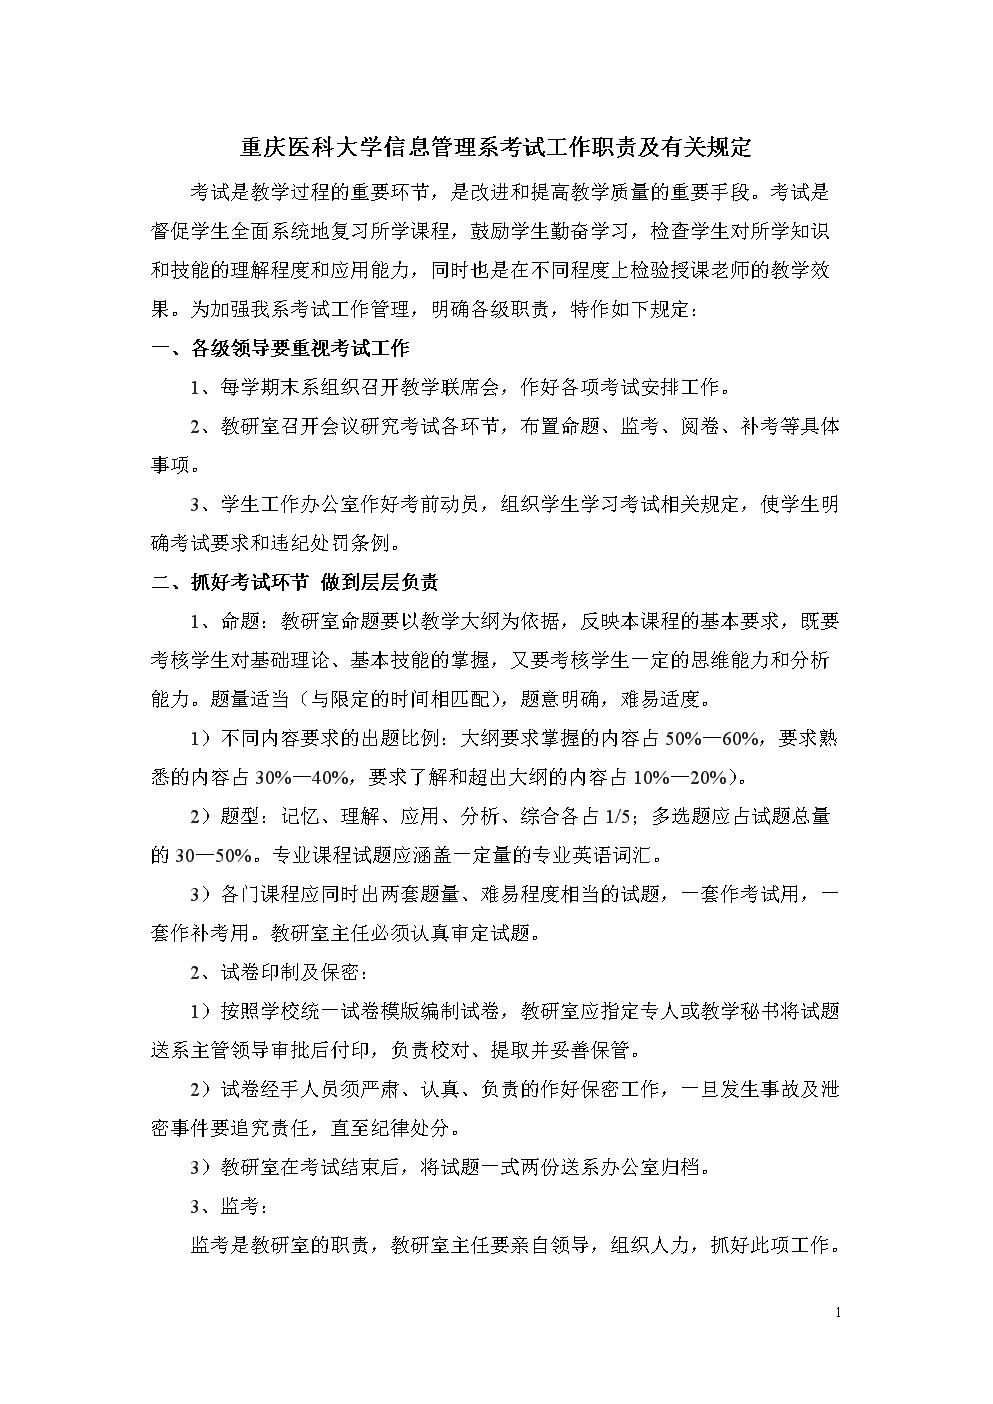 重庆医科大学信息管理系考试工作职责及有关规定.doc